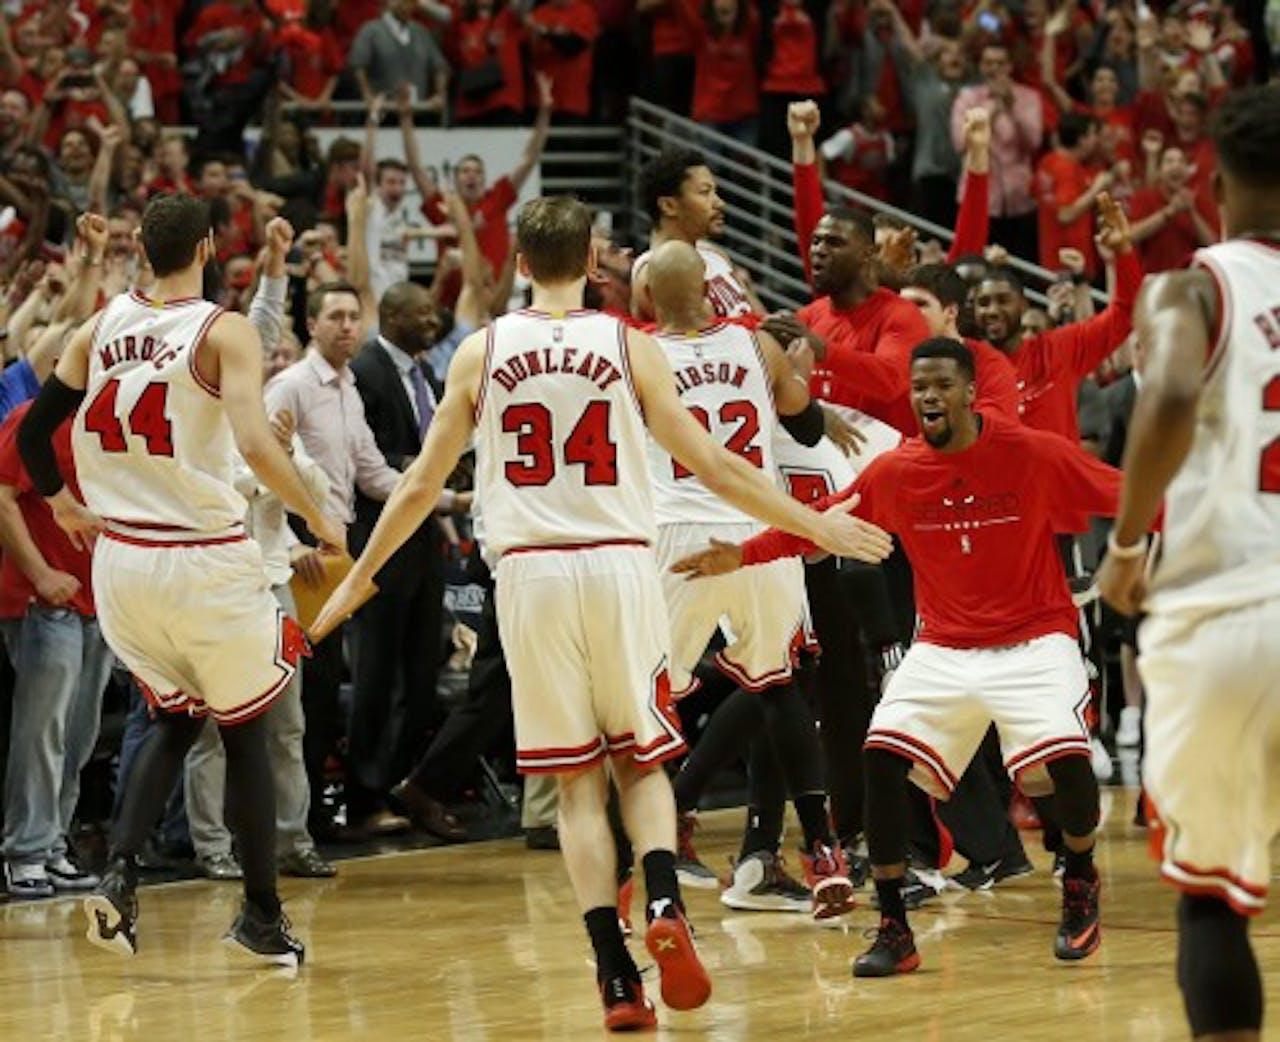 Spelers Chicago Bulls vieren een punt. EPA